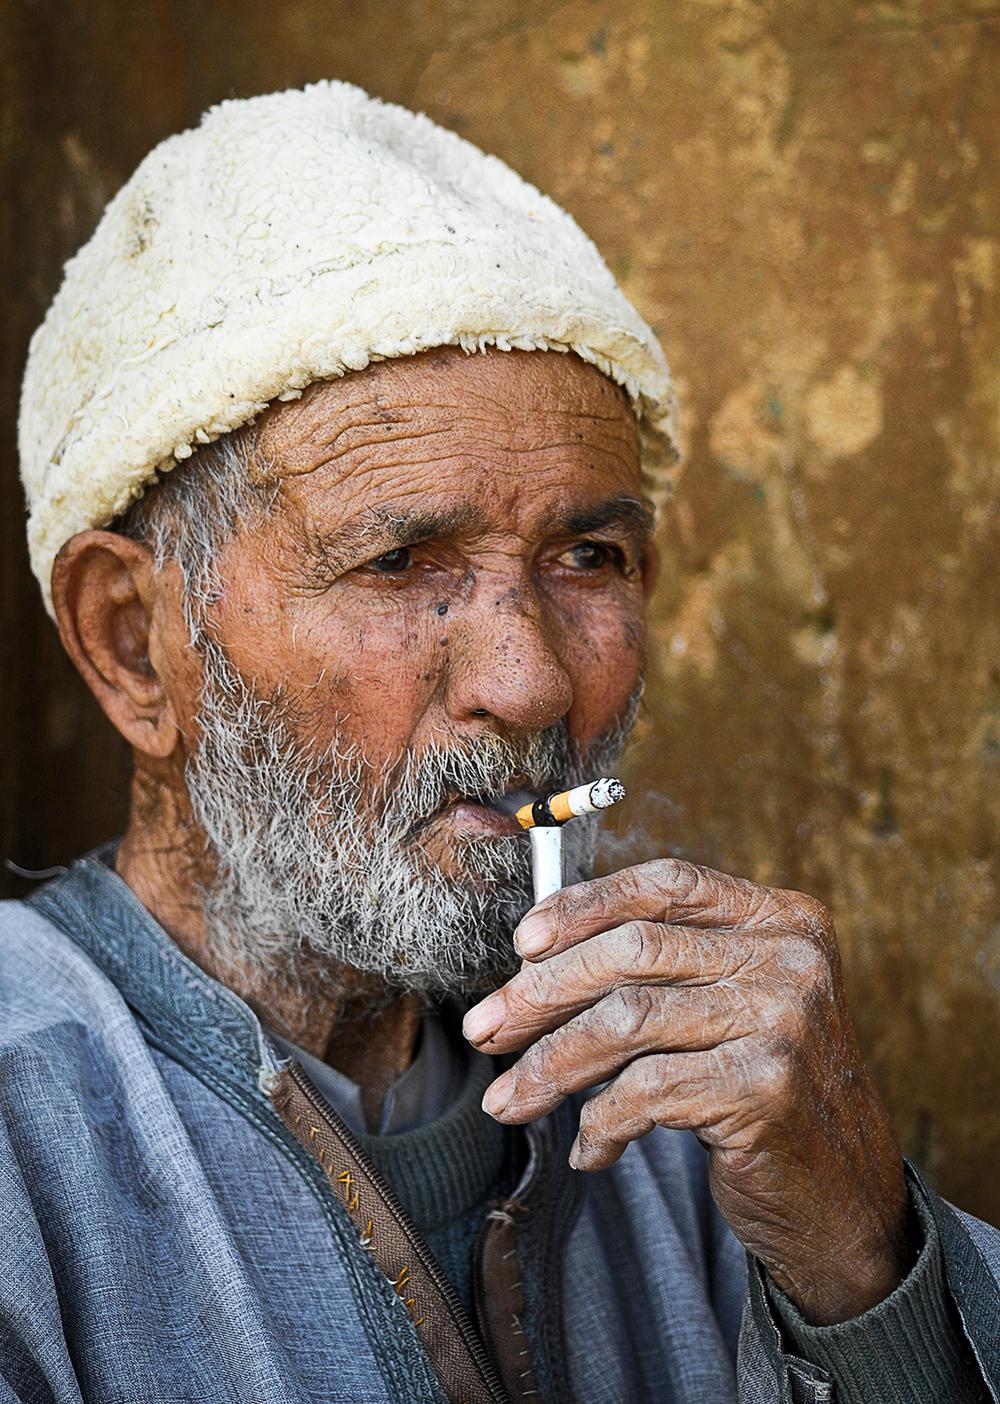 dziadek-papieros-wysokosc-1500.jpg